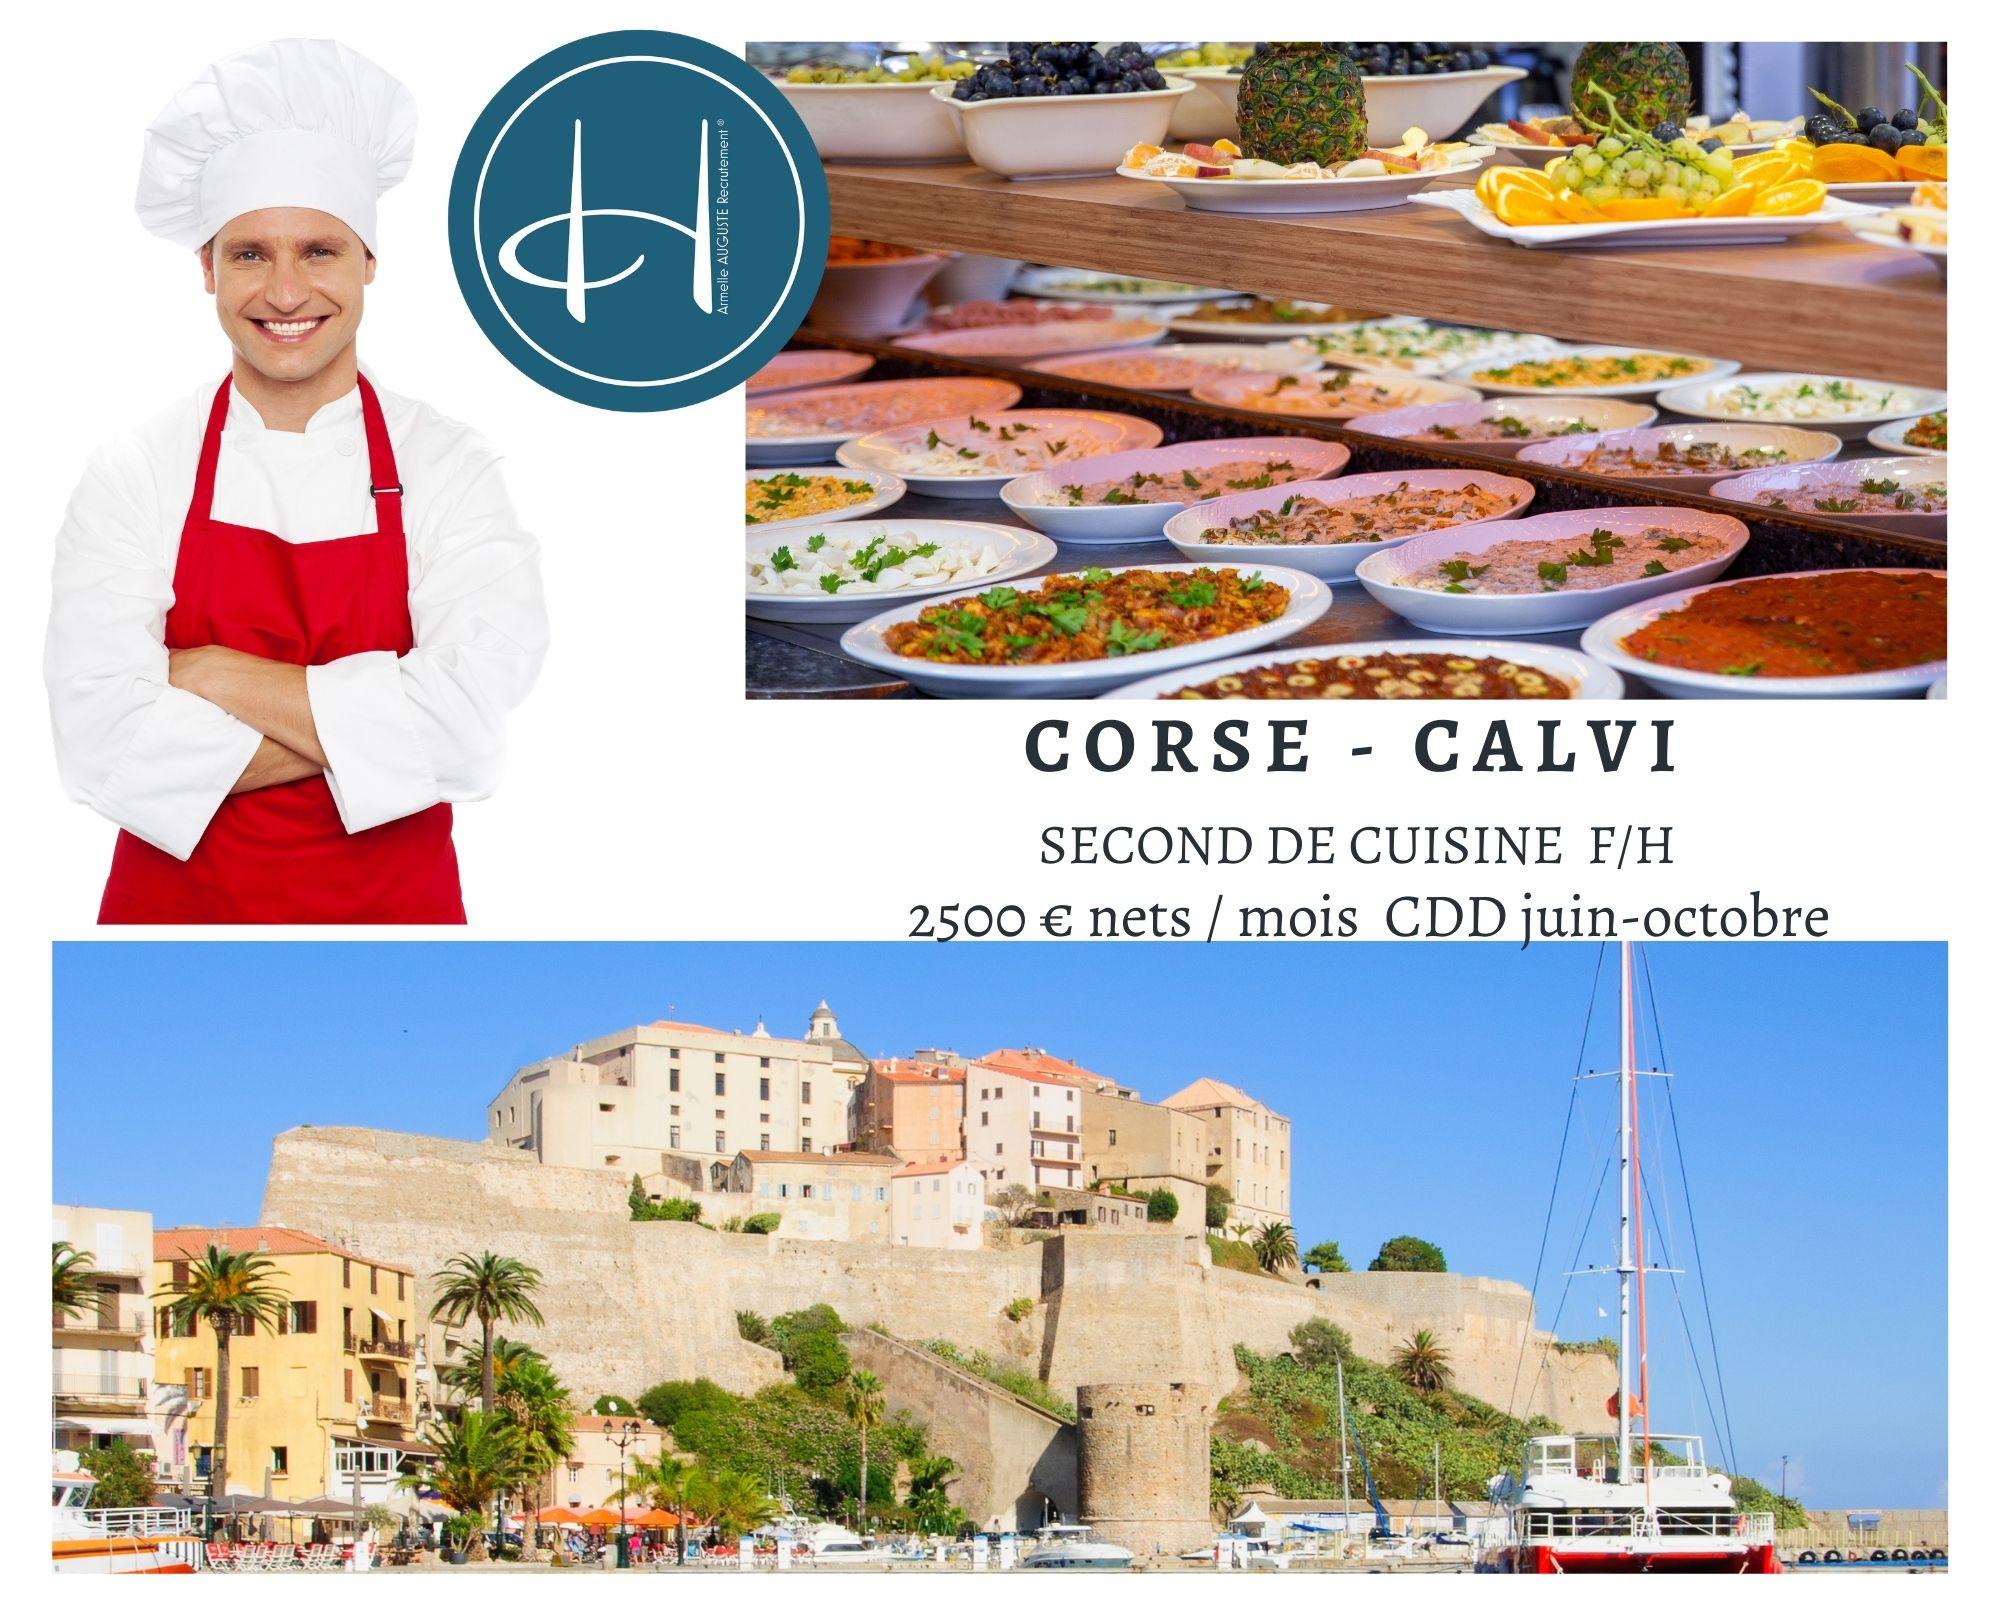 Recrutement: Second de cuisine F/H chez Armelle AUGUSTE Recrutement® à Calvi